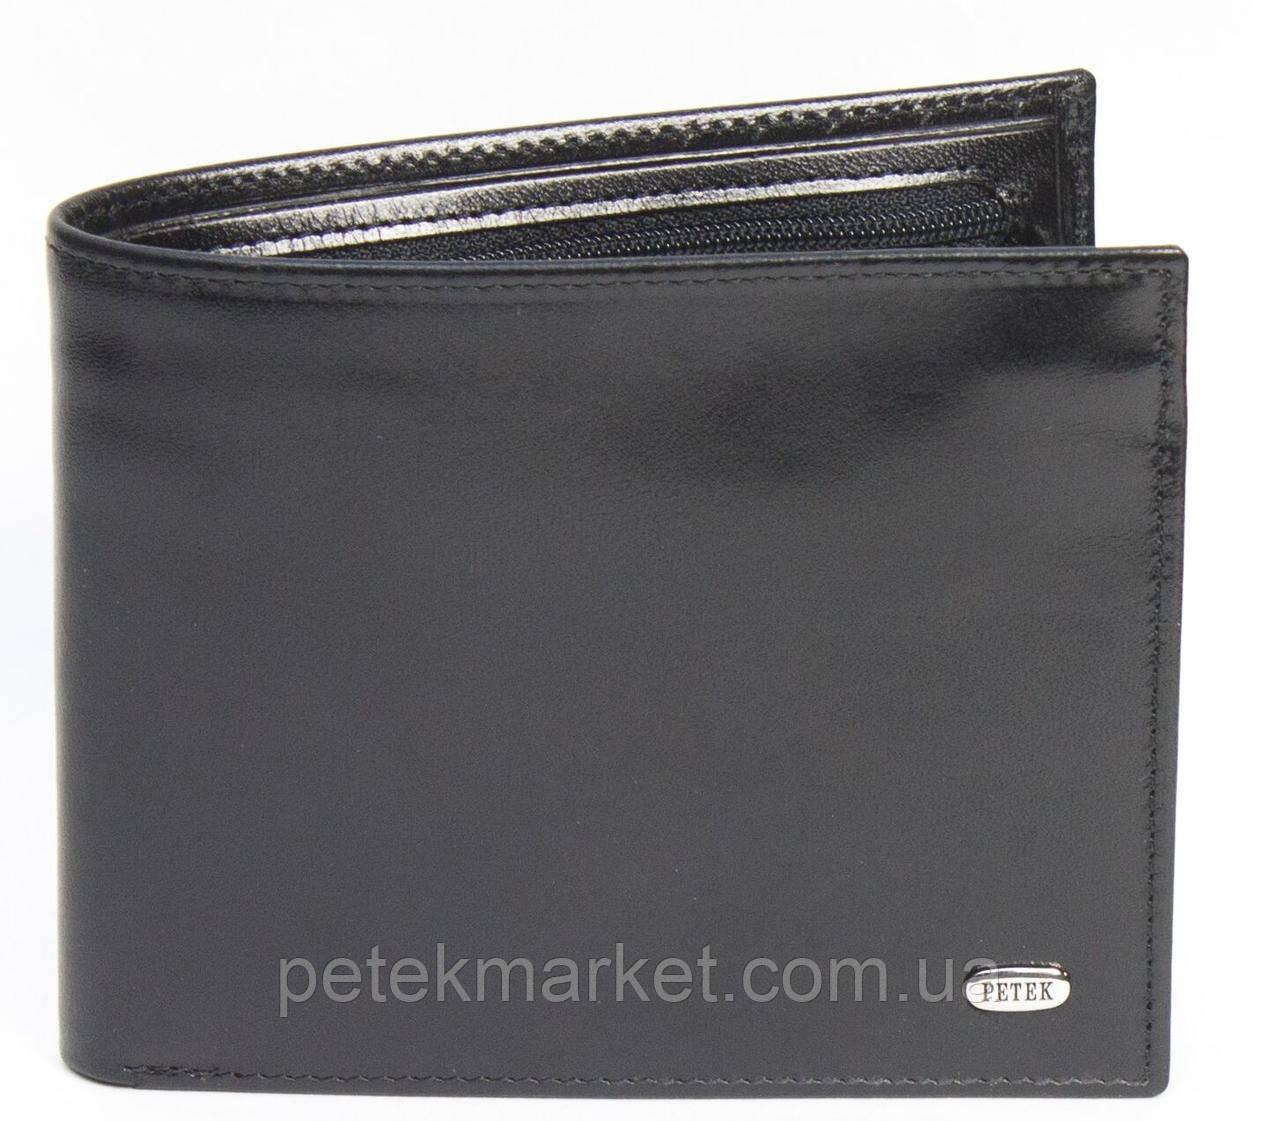 Кожаное мужское портмоне Petek 114